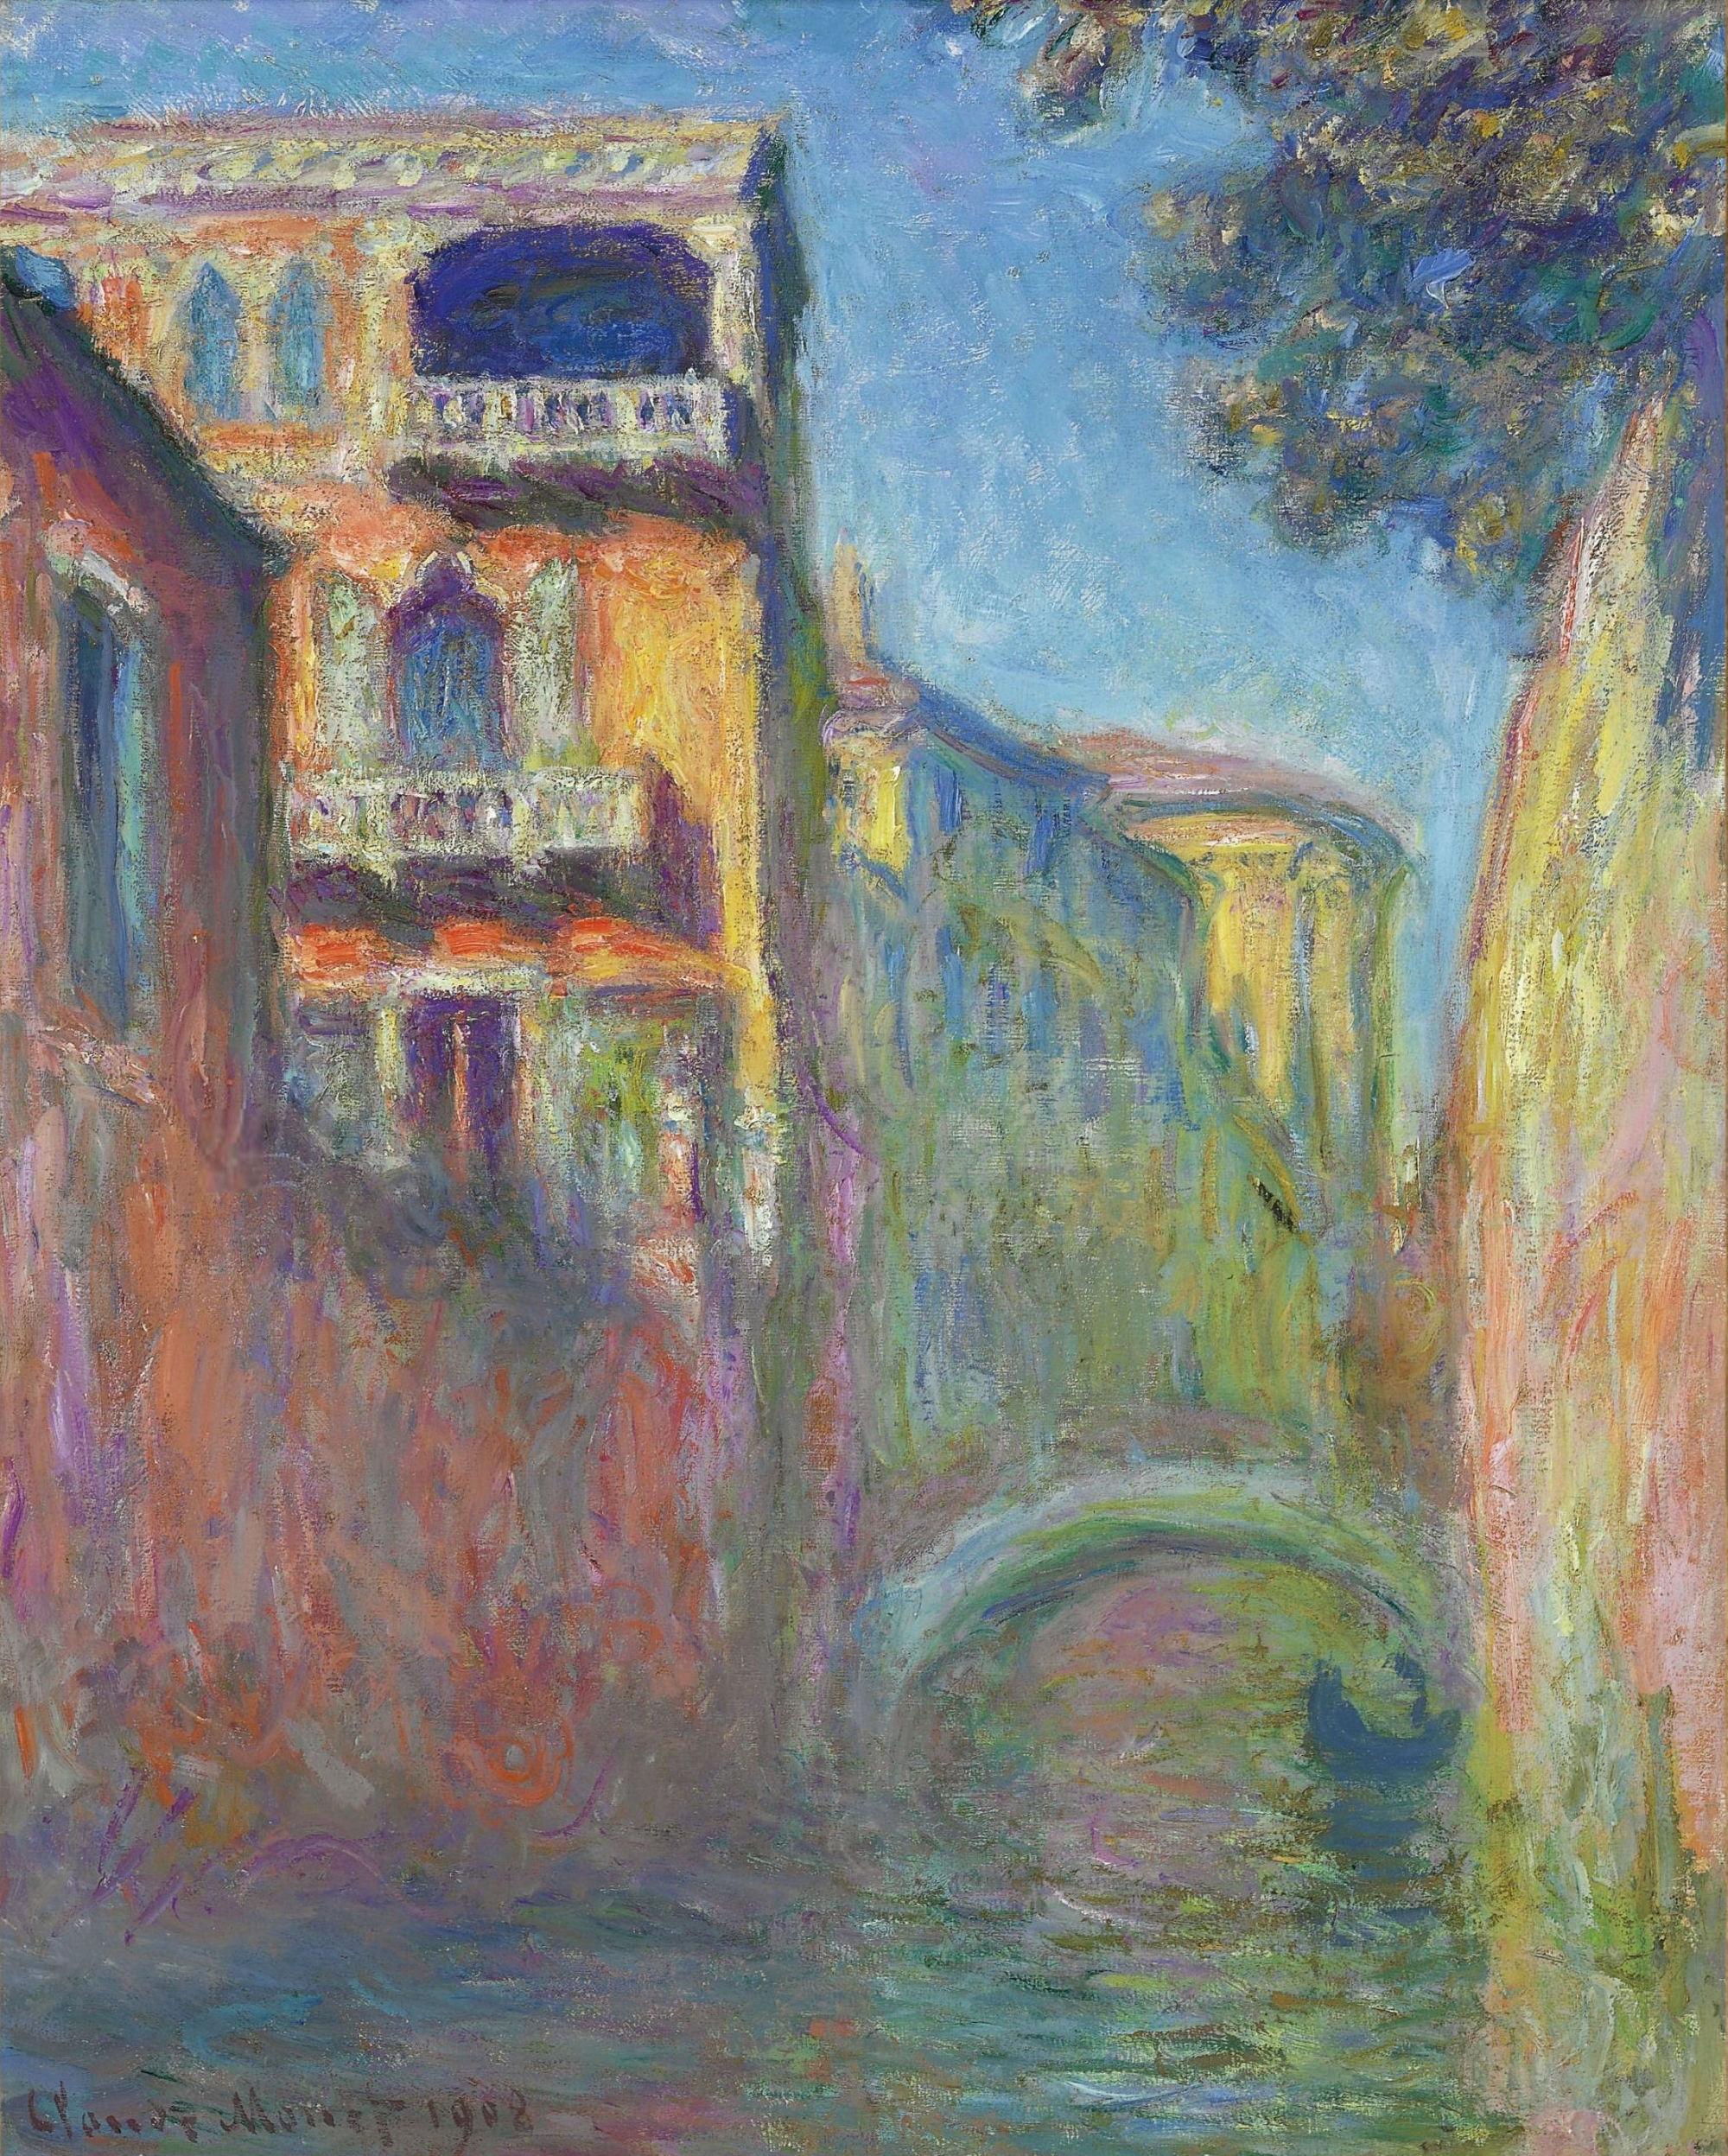 Venice, Rio de Santa Salute, 1908 - Claude Monet - WikiArt.org